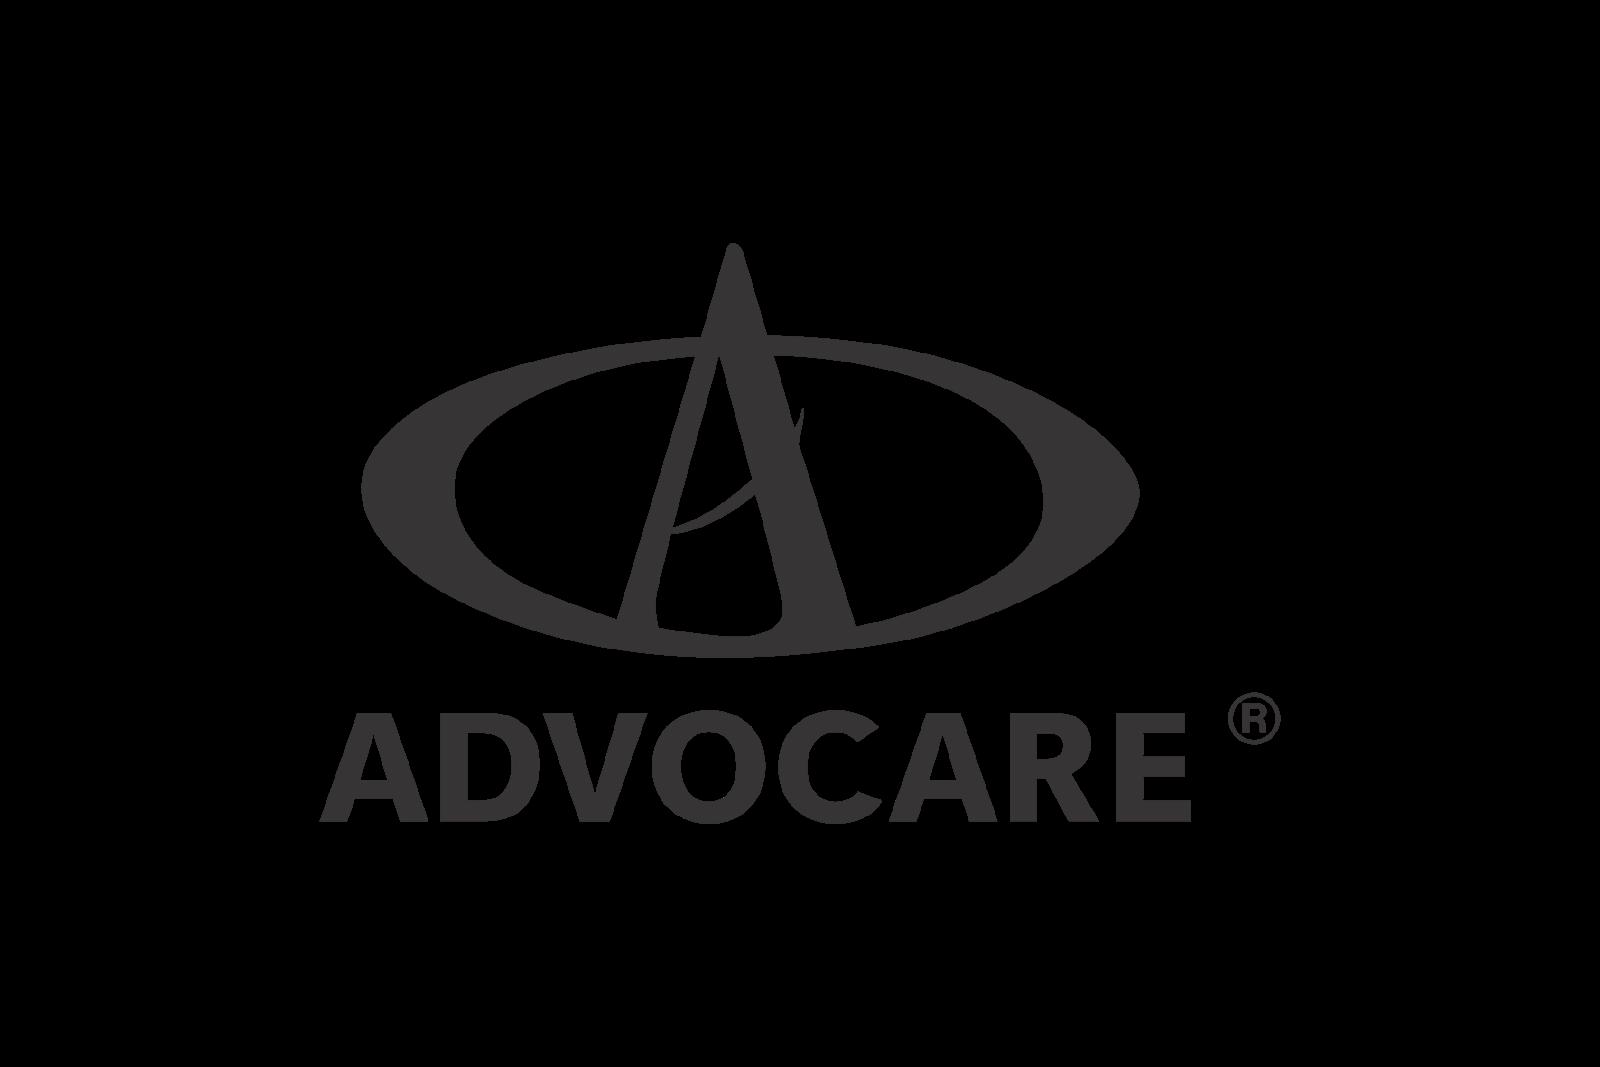 Advocare Logo. » - Advocare Logo Vector PNG